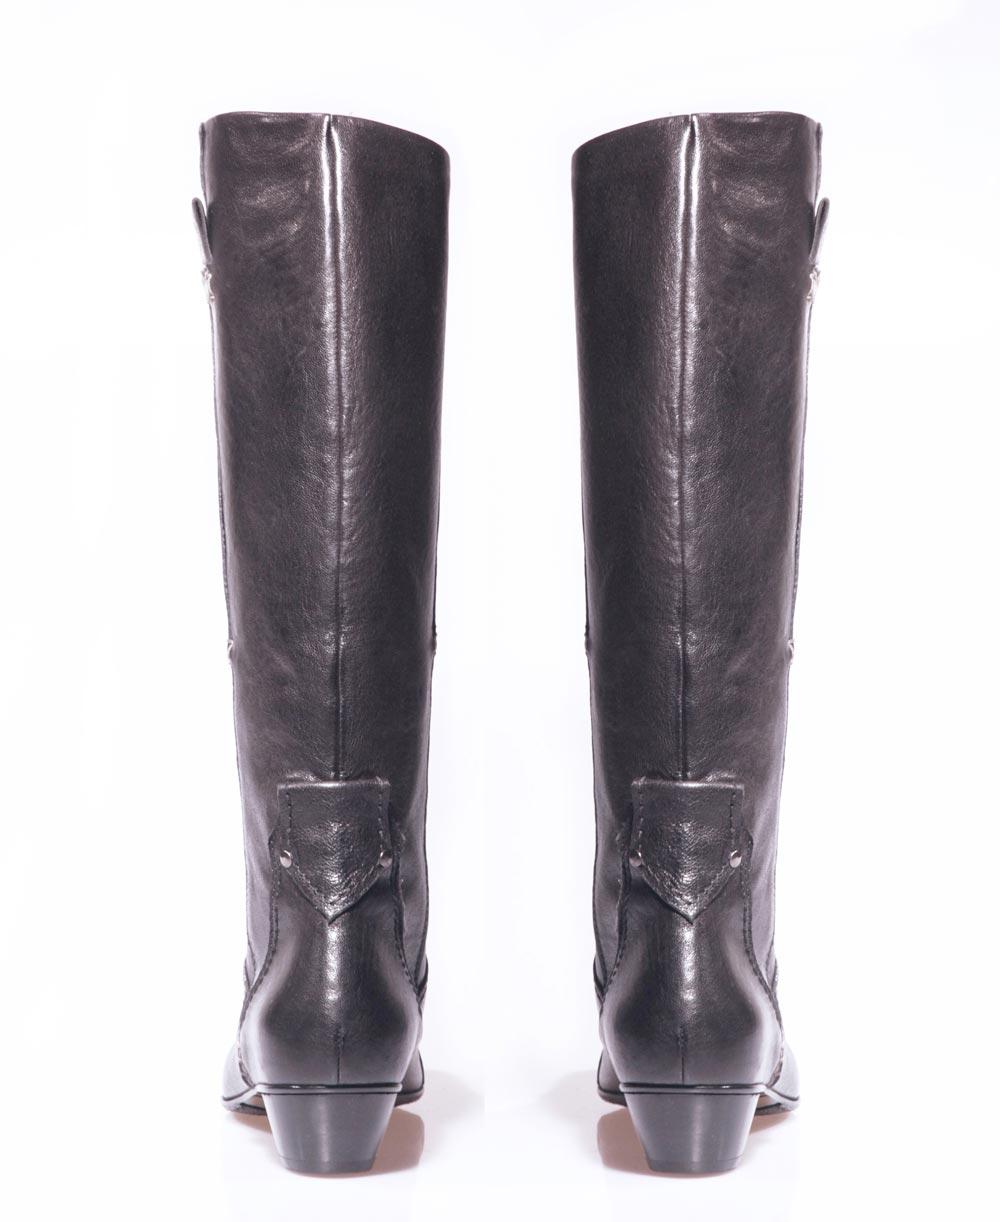 Tentazione stivali donna pelle boots shoes